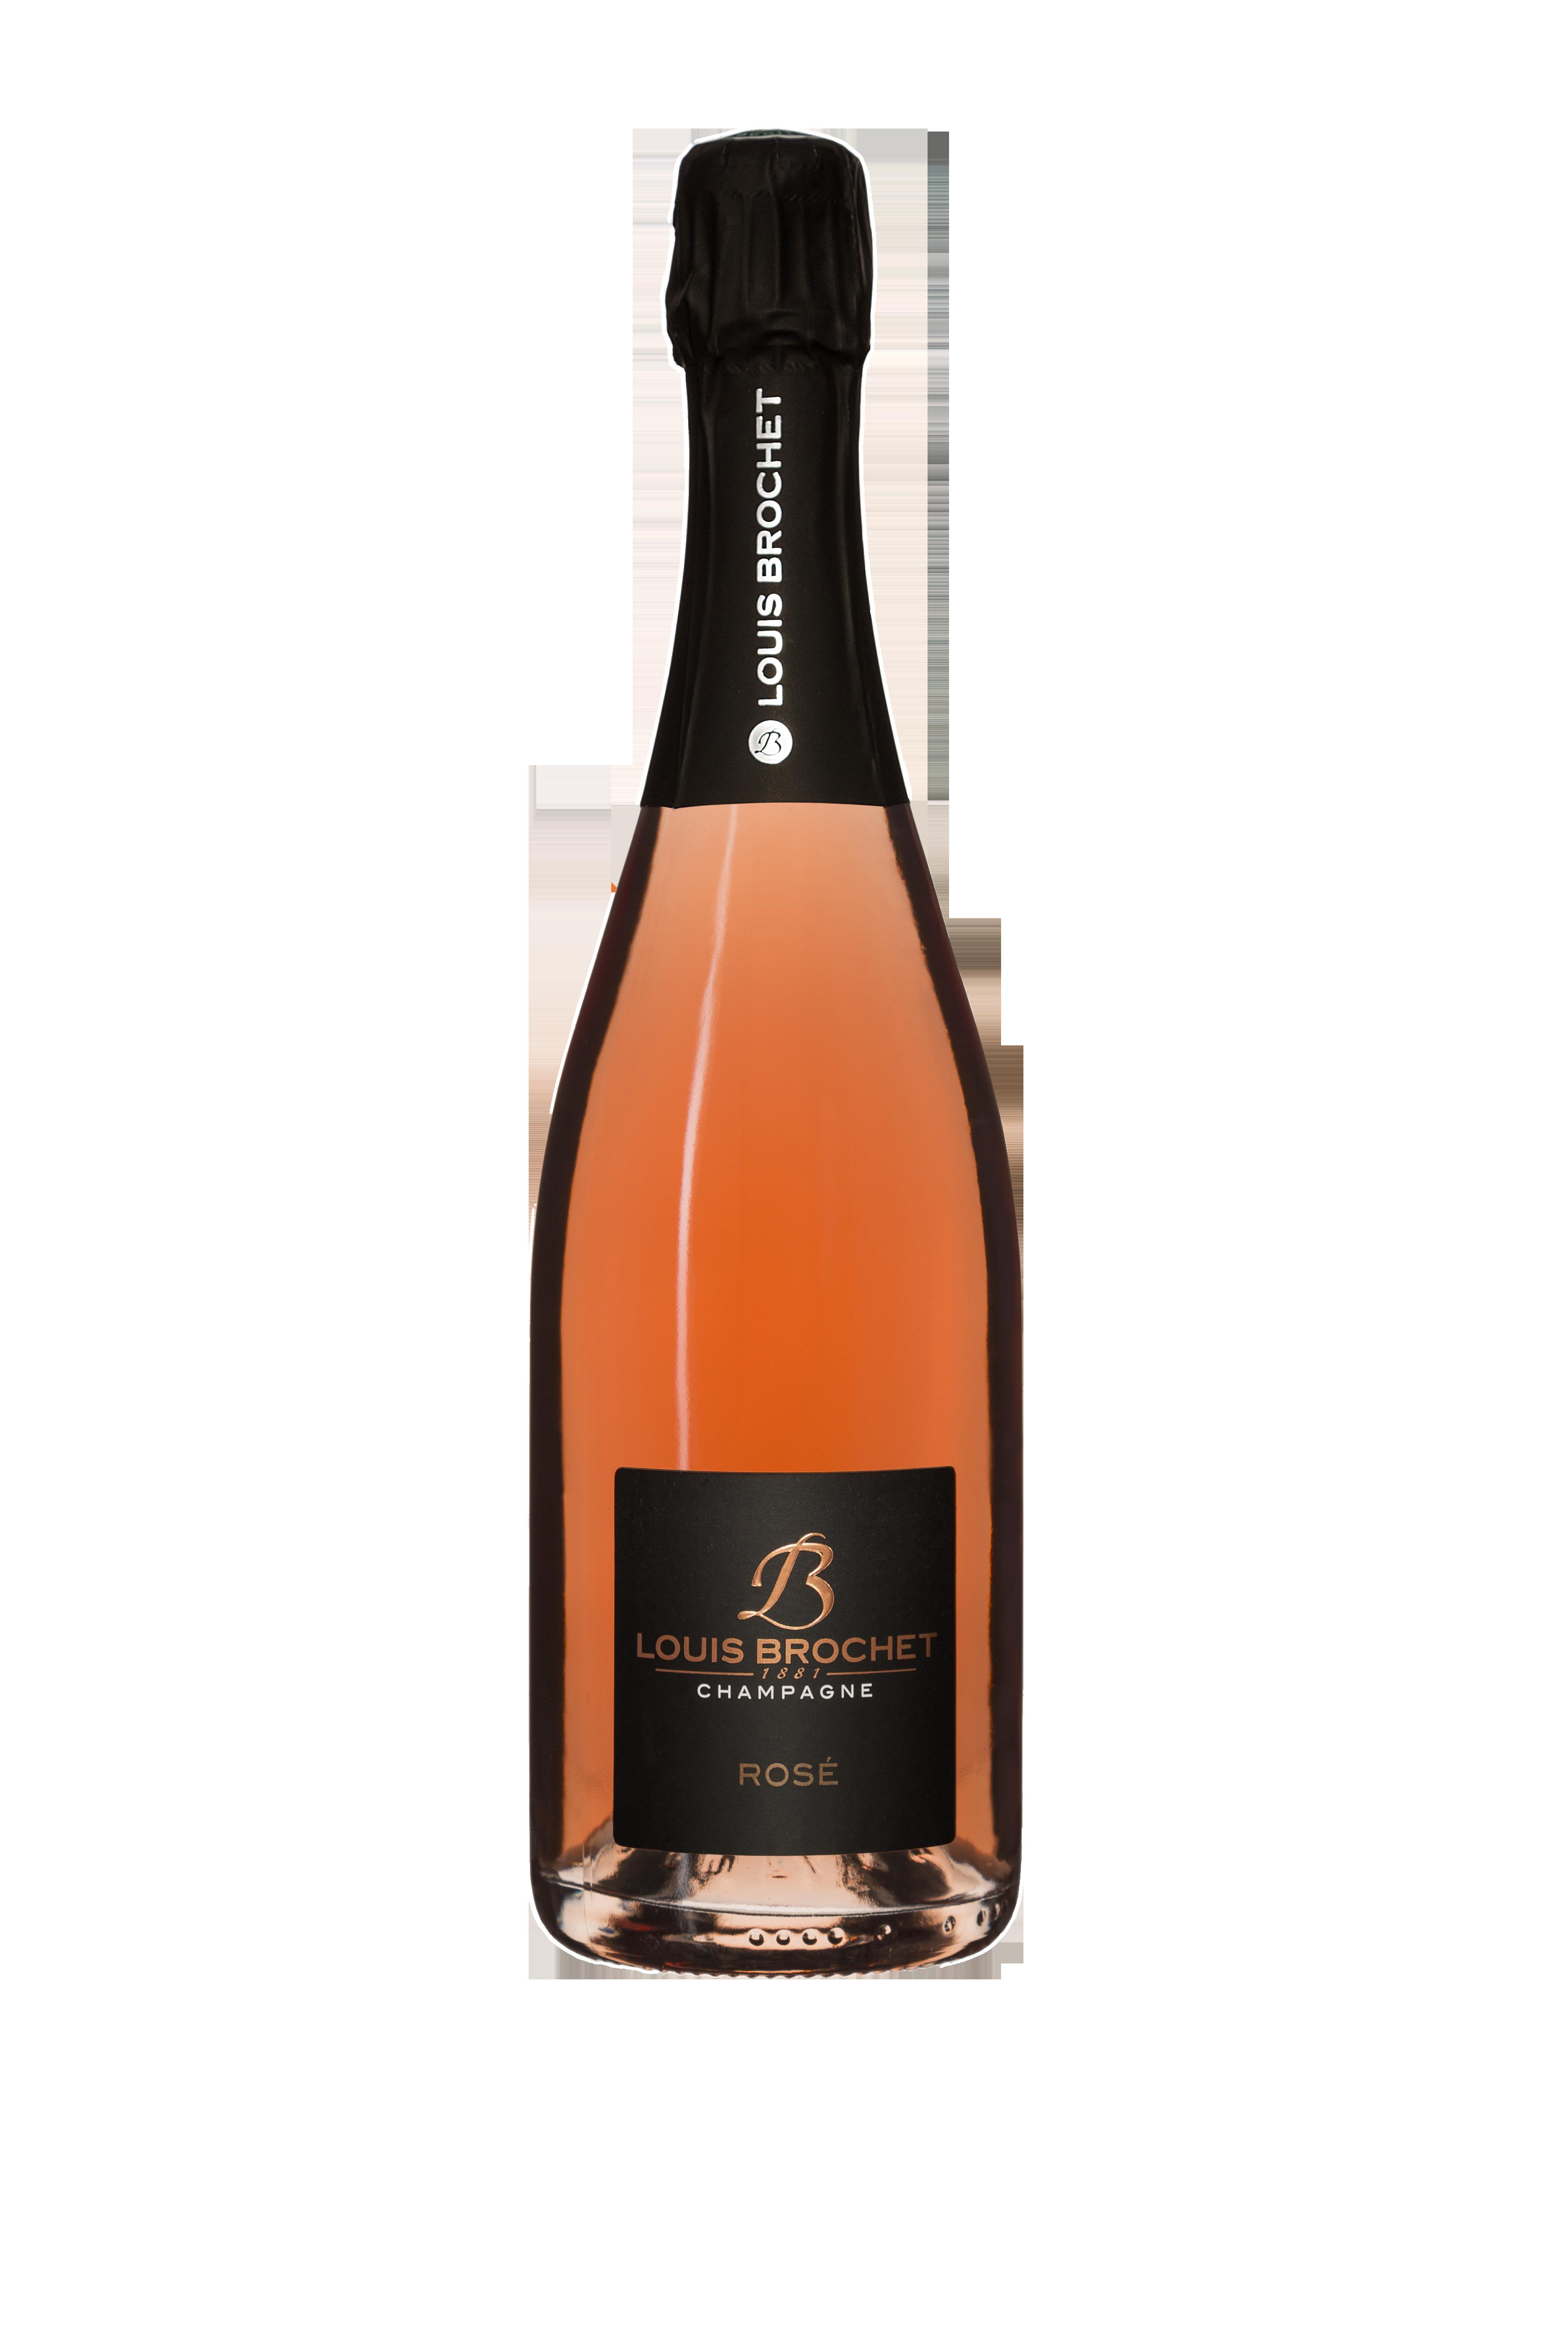 Champagne Louis Brochet - Rosé